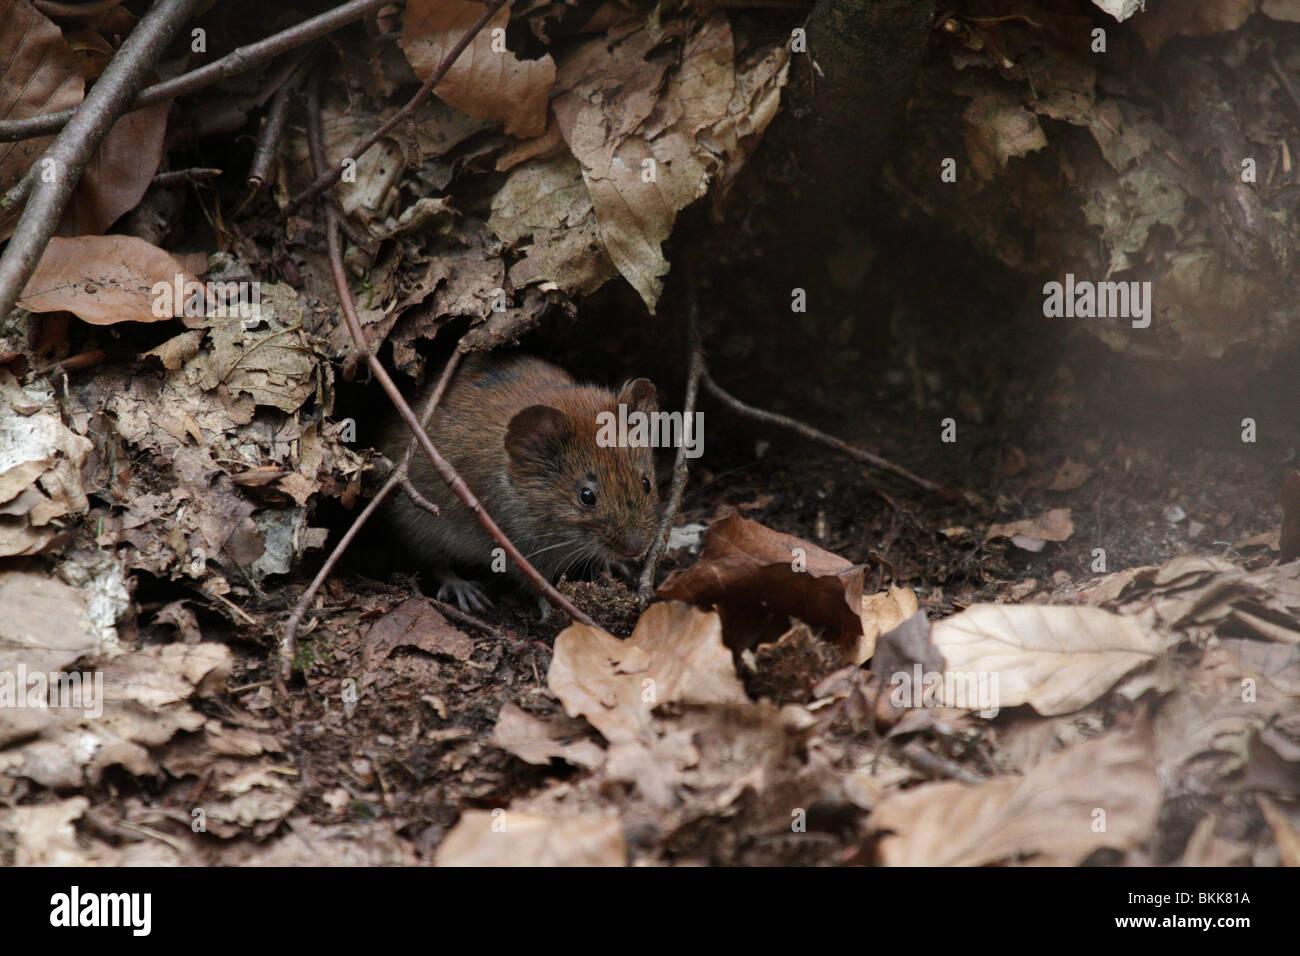 Bank vole mouse (Myodes glareolus) nel suo habitat naturale. Essi sono (abbastanza carino) vettori per i virus Hanta. Immagini Stock